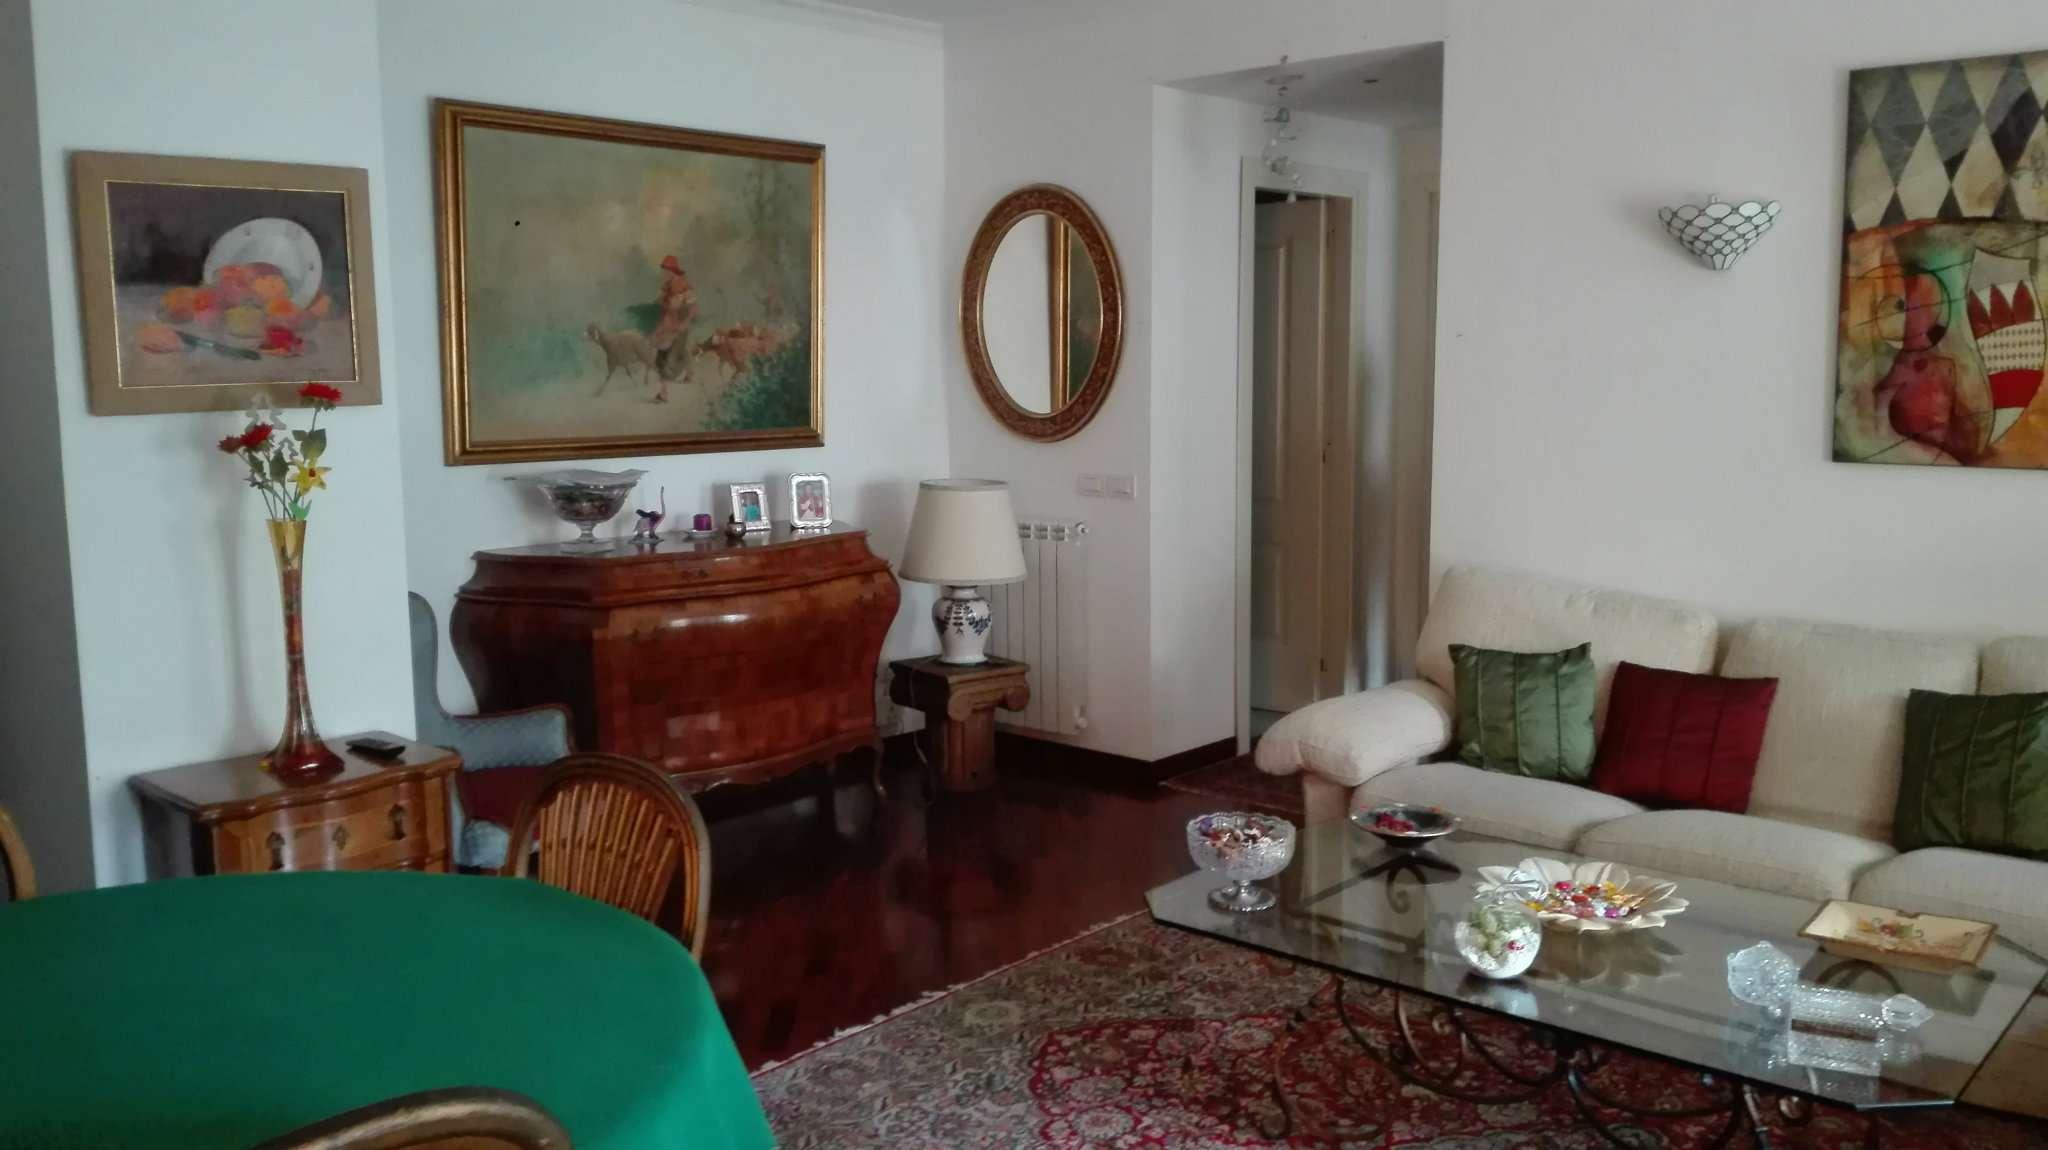 Appartamento in vendita 4 vani 90 mq.  parco san paolo Napoli